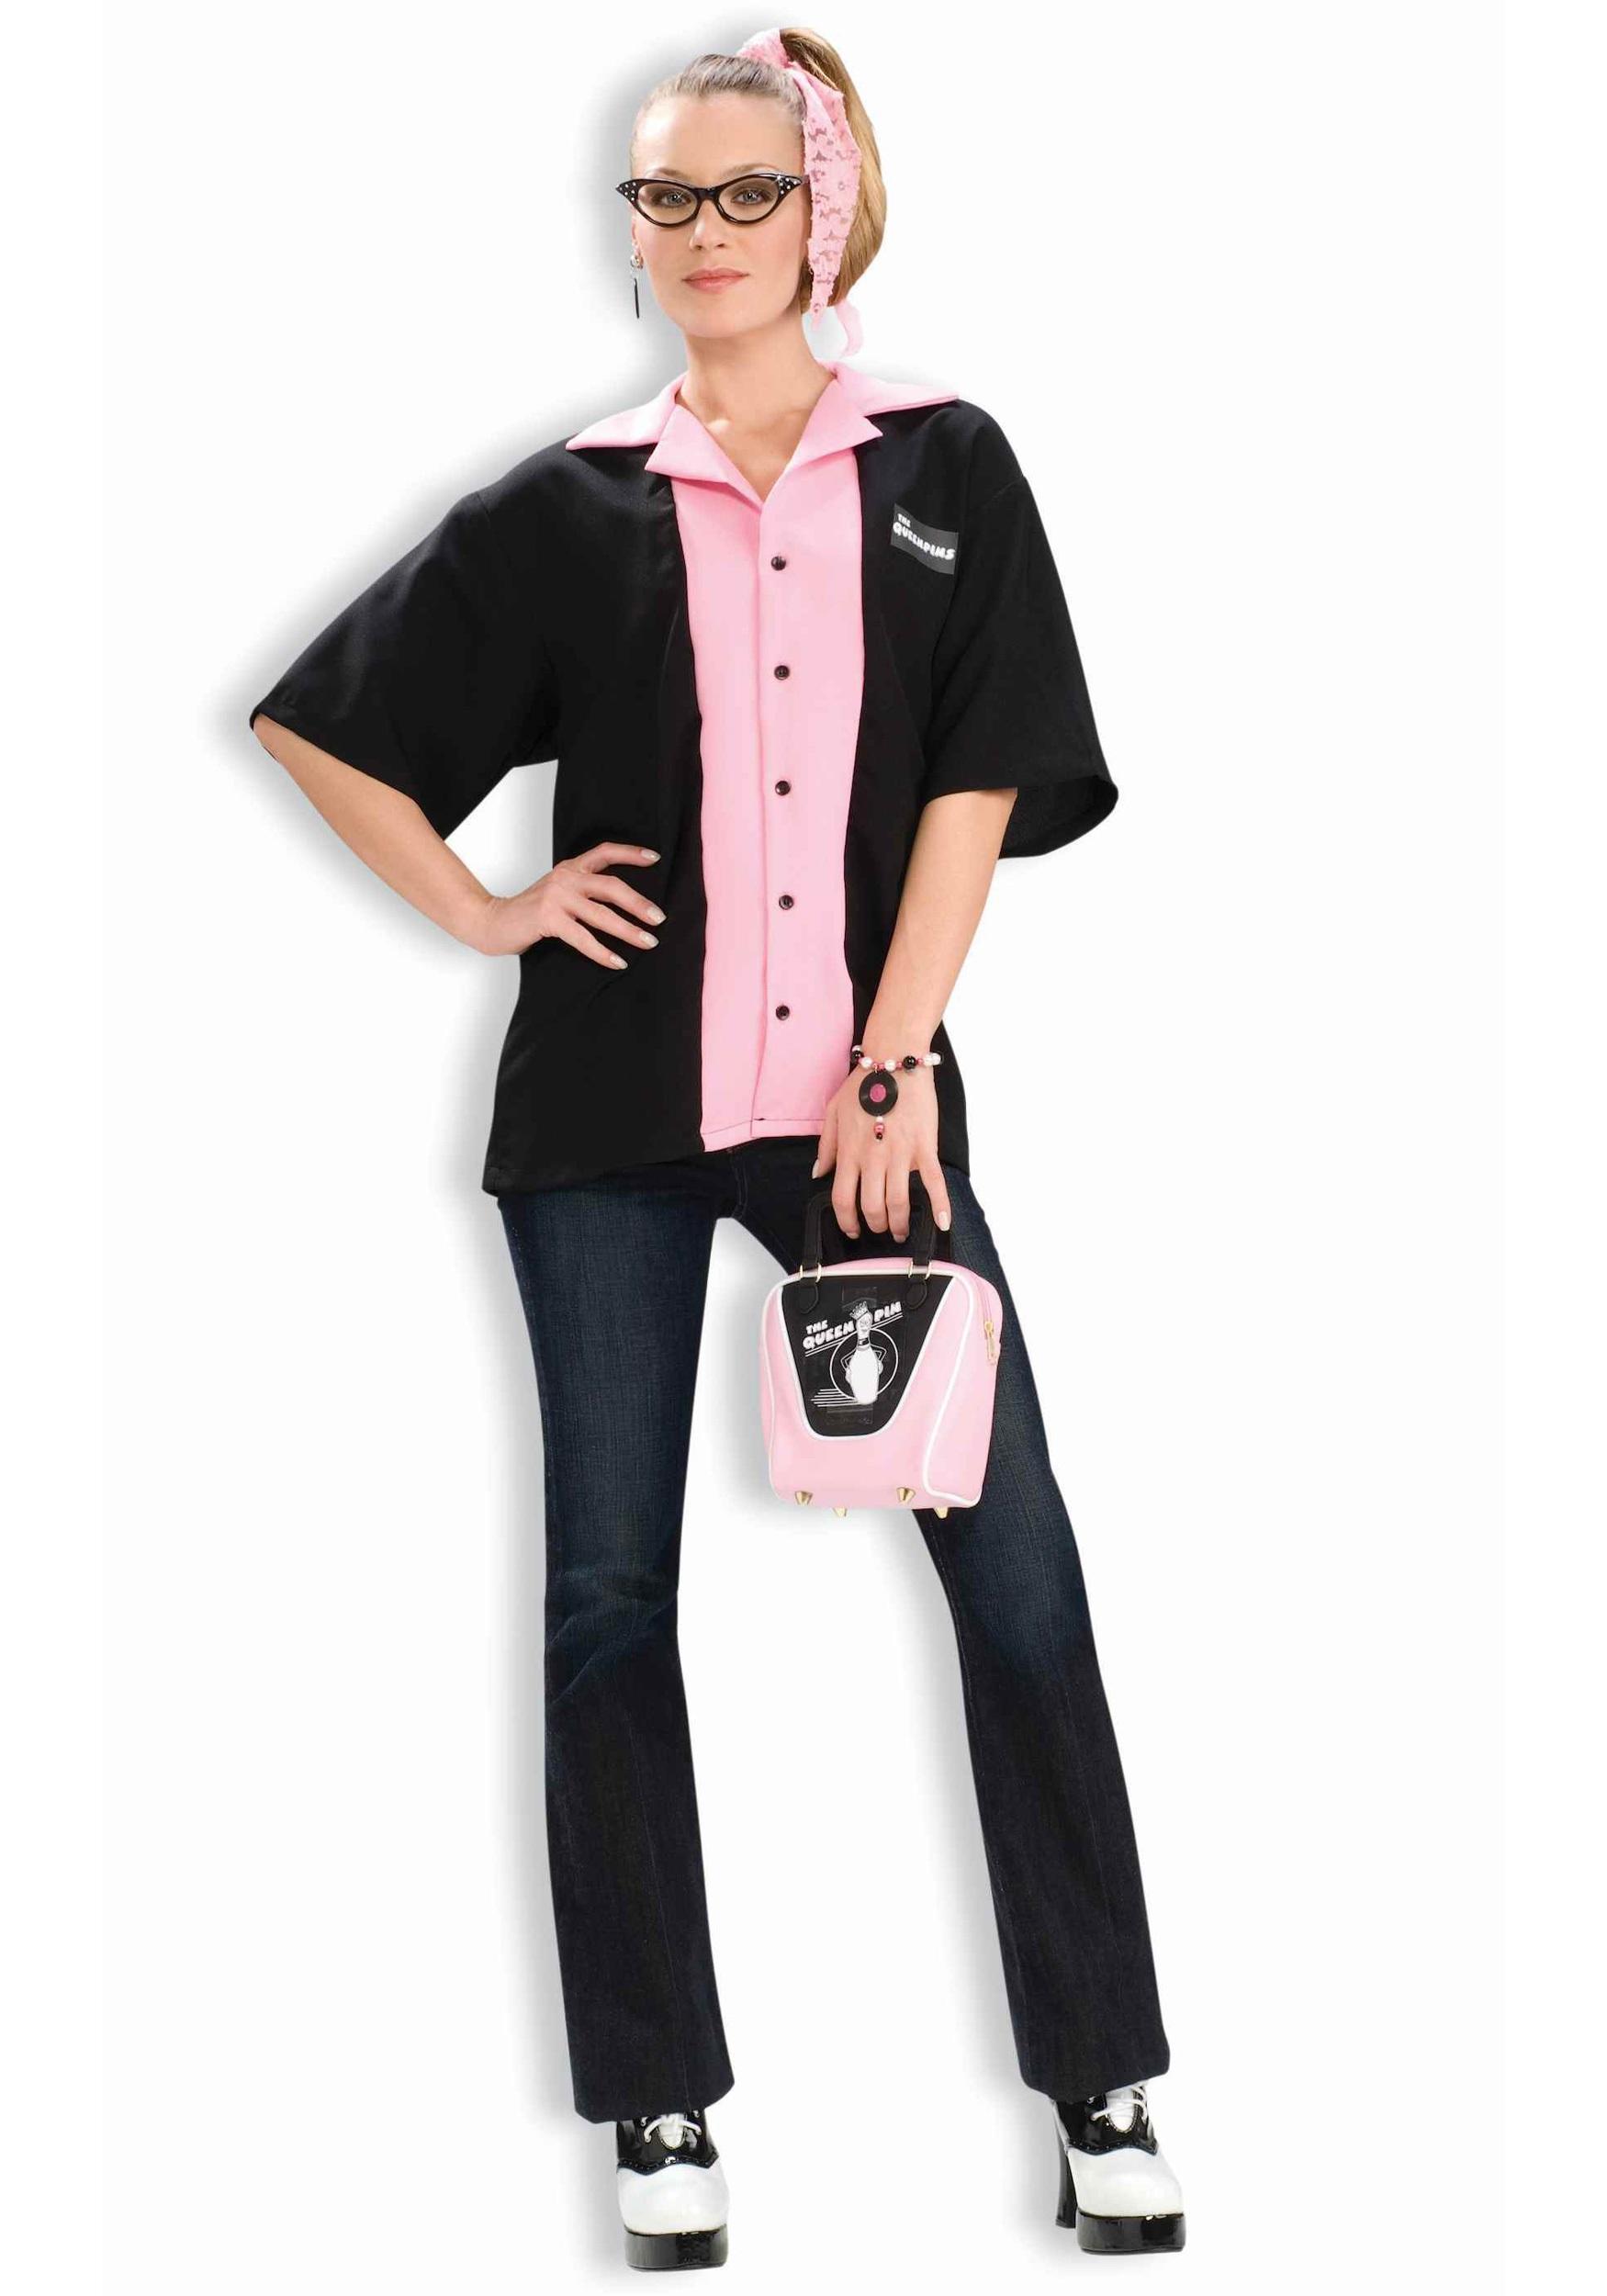 sc 1 st  Halloween Costumes & Queen Pins Bowling Shirt